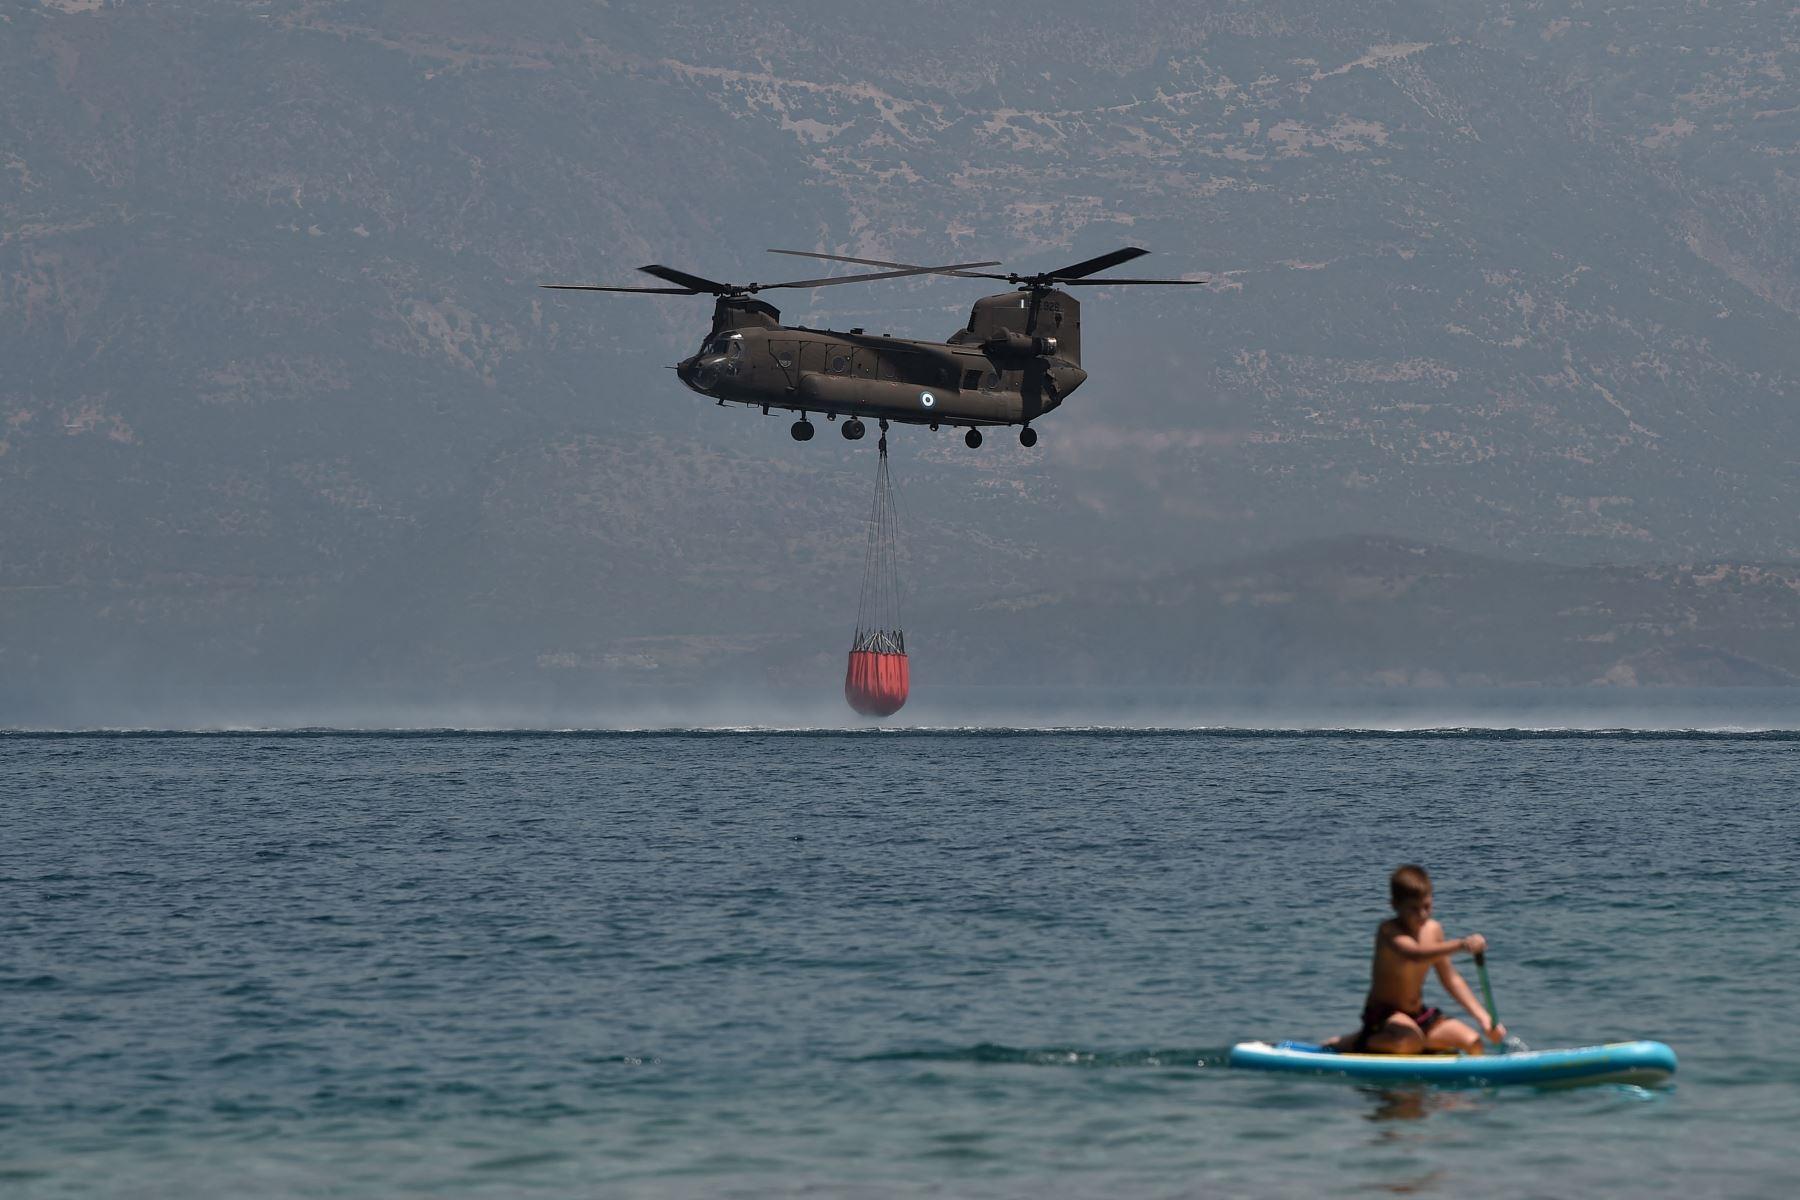 Un helicóptero Ch-47D Chinook es observado por un bañista mientras se llena de agua para apagar incendios cerca de la playa Lambiri en Patras. Foto : AFP